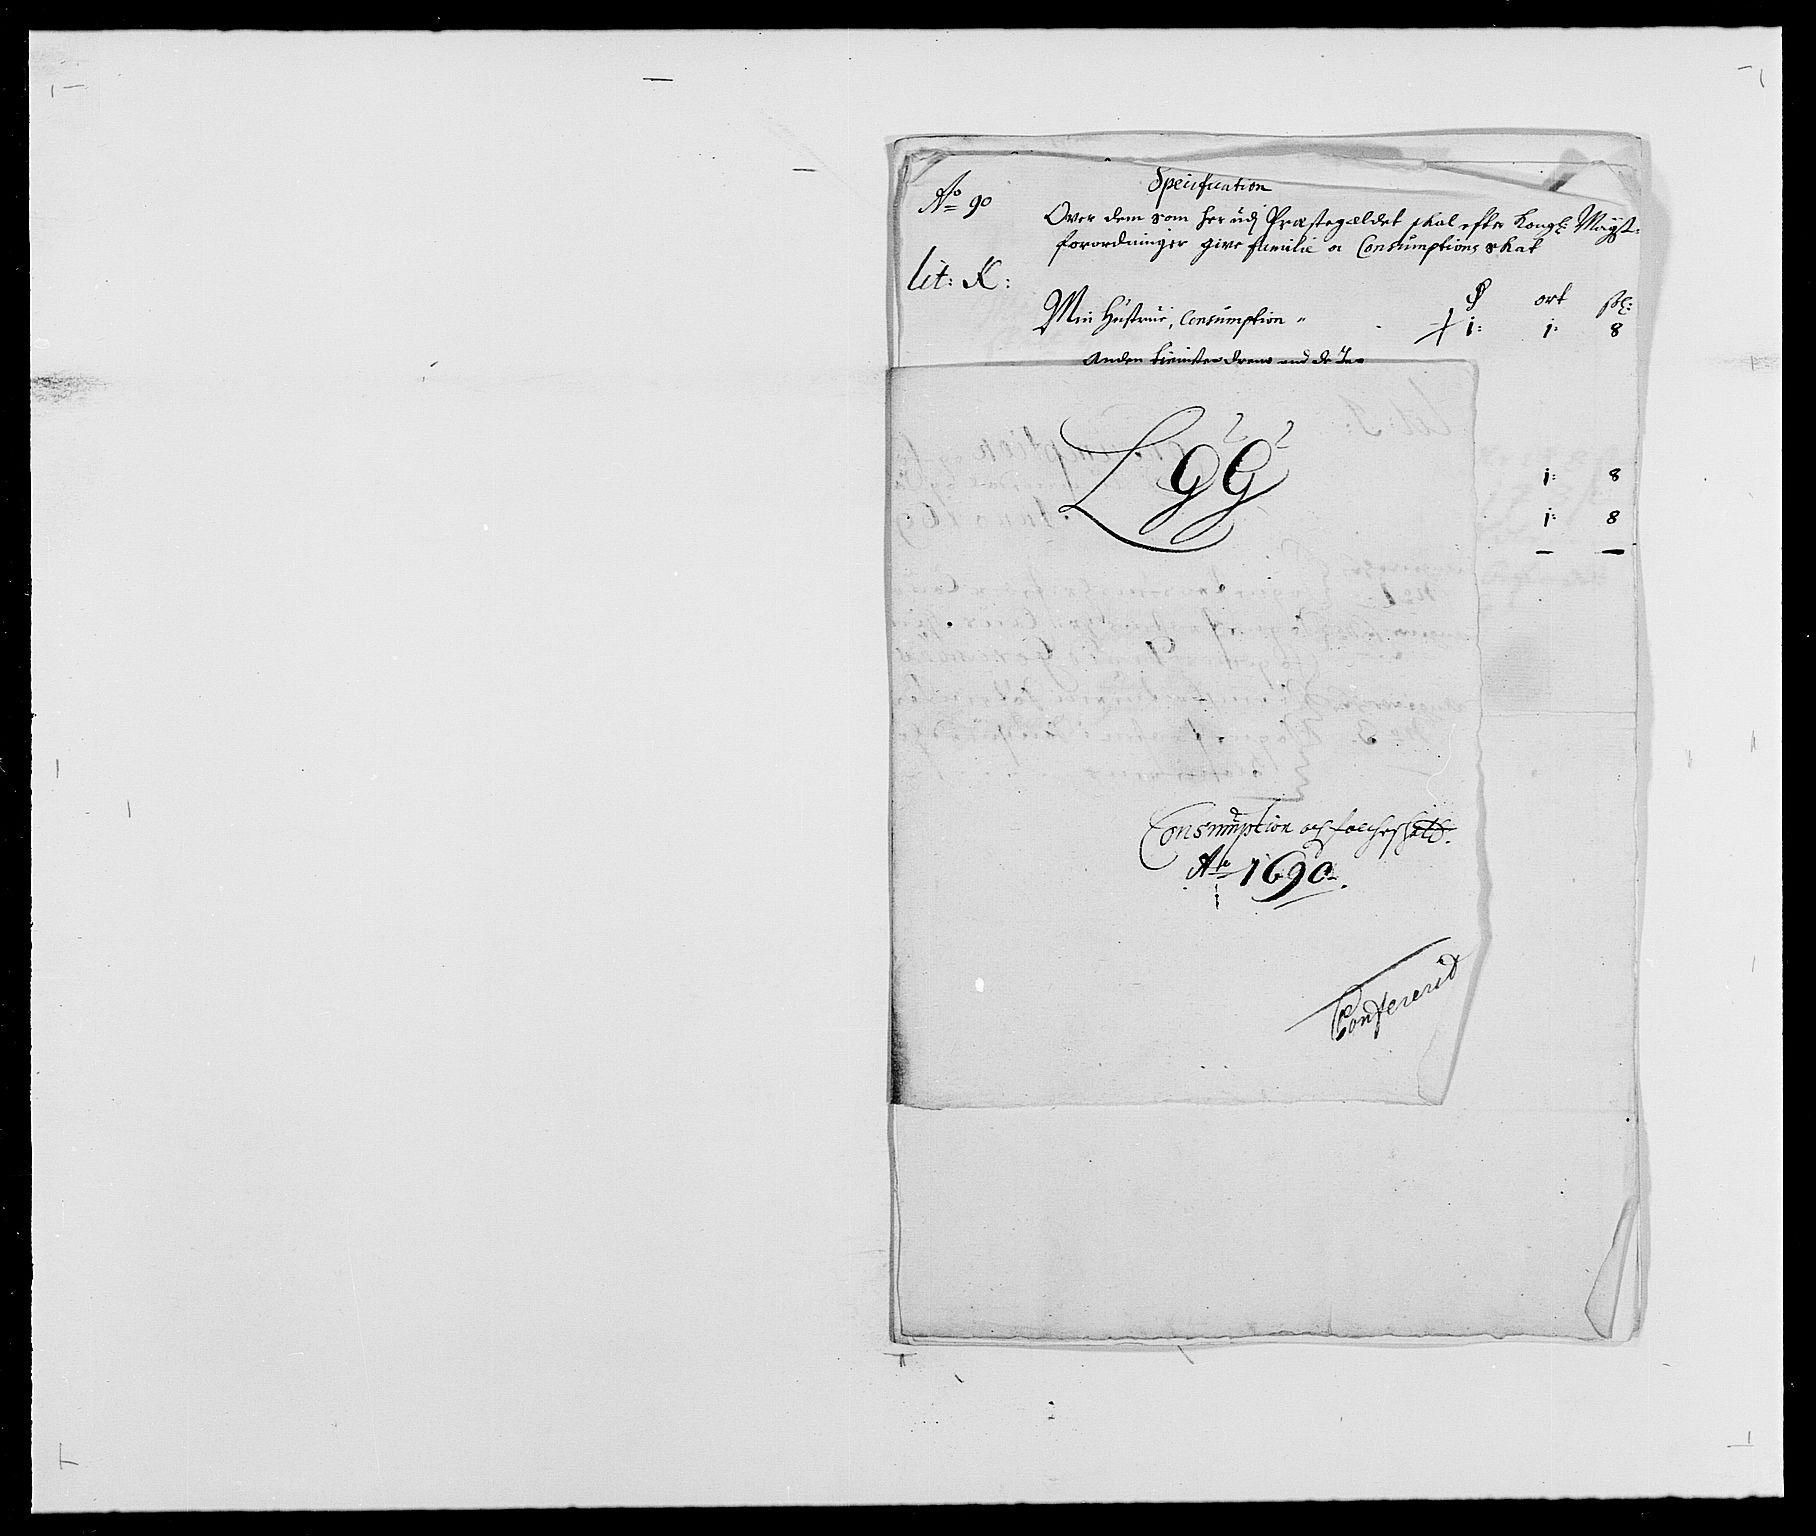 RA, Rentekammeret inntil 1814, Reviderte regnskaper, Fogderegnskap, R24/L1573: Fogderegnskap Numedal og Sandsvær, 1687-1691, s. 453